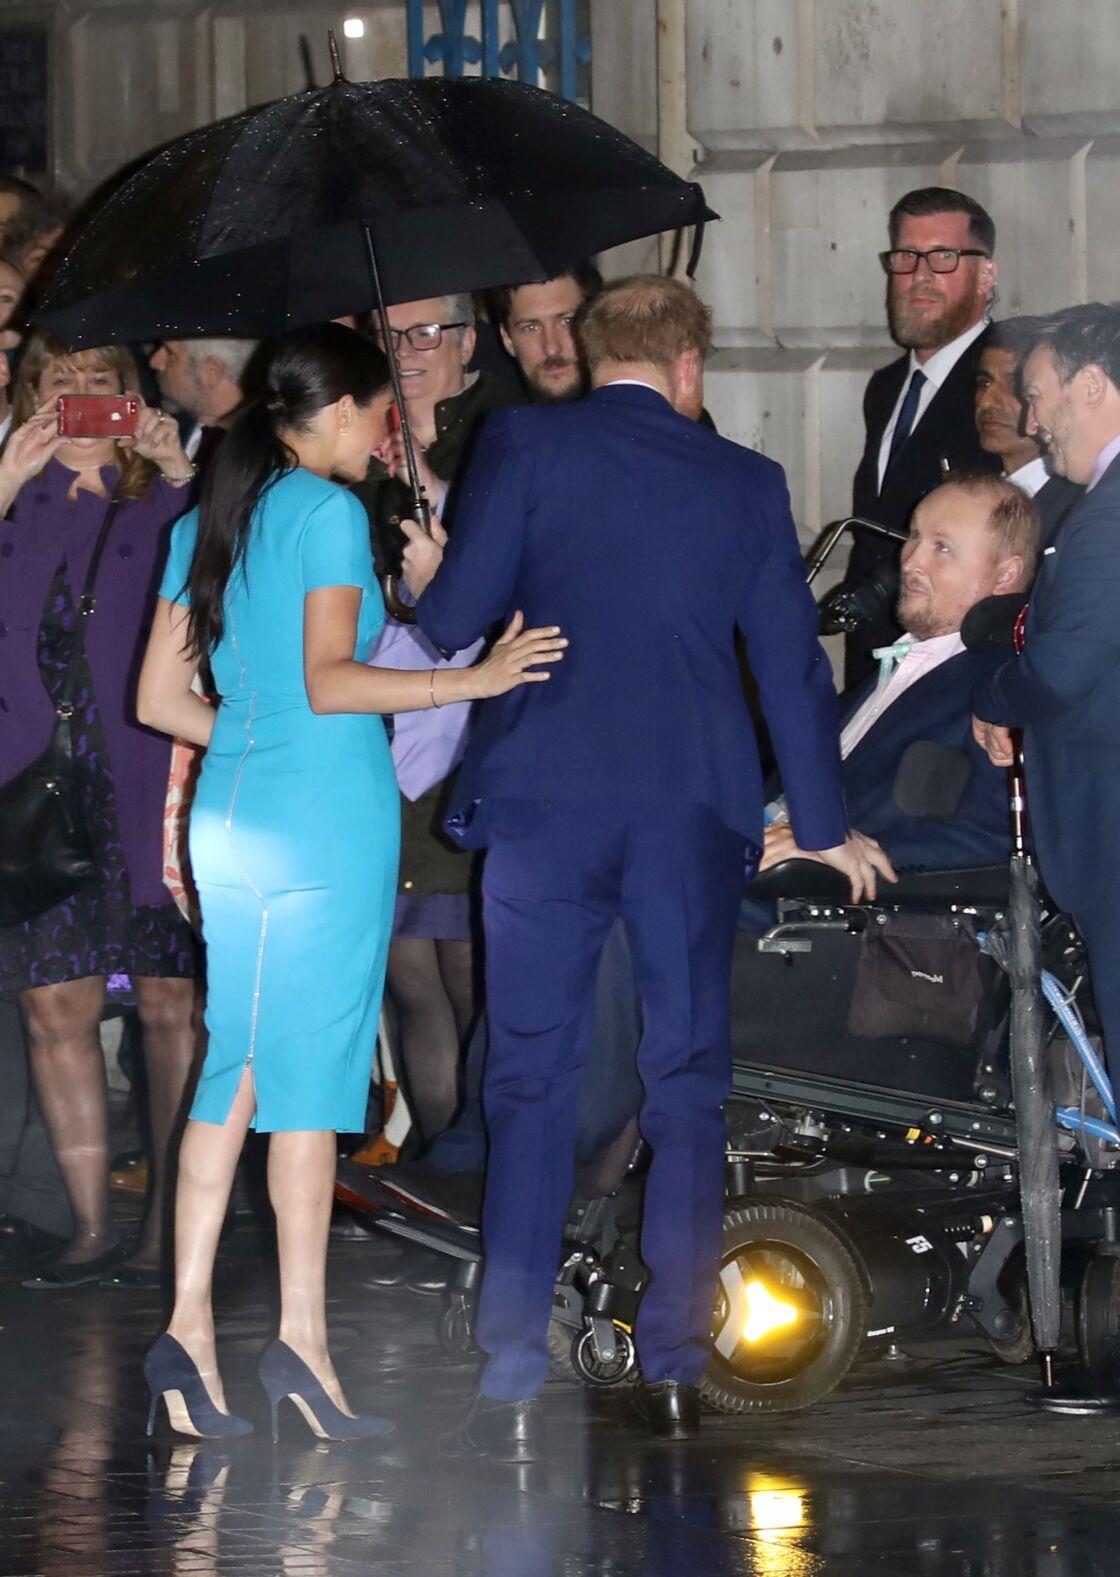 Le prince Harry et Meghan Markle, aux Endeavour Fund Awards, à Londres, ce 5 mars 2020.